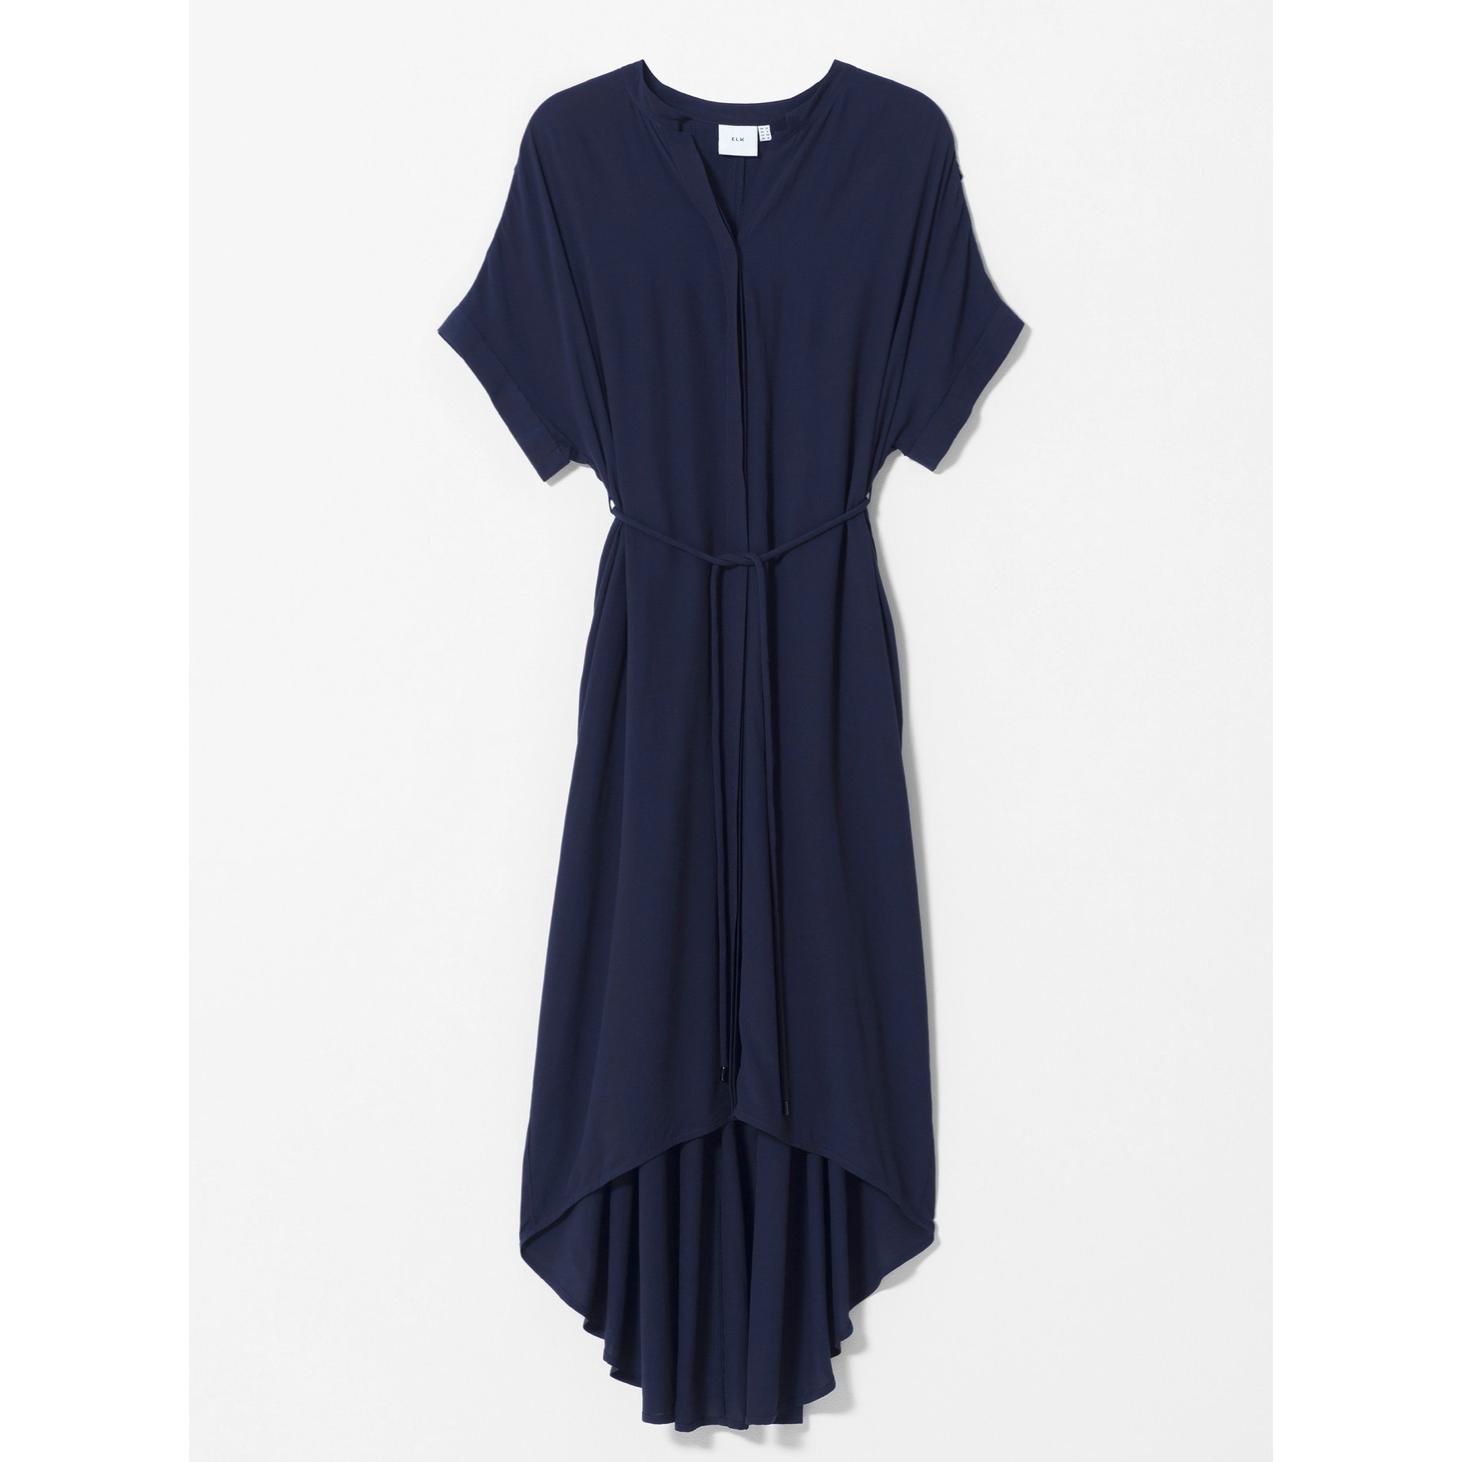 Lund Dress - Navy